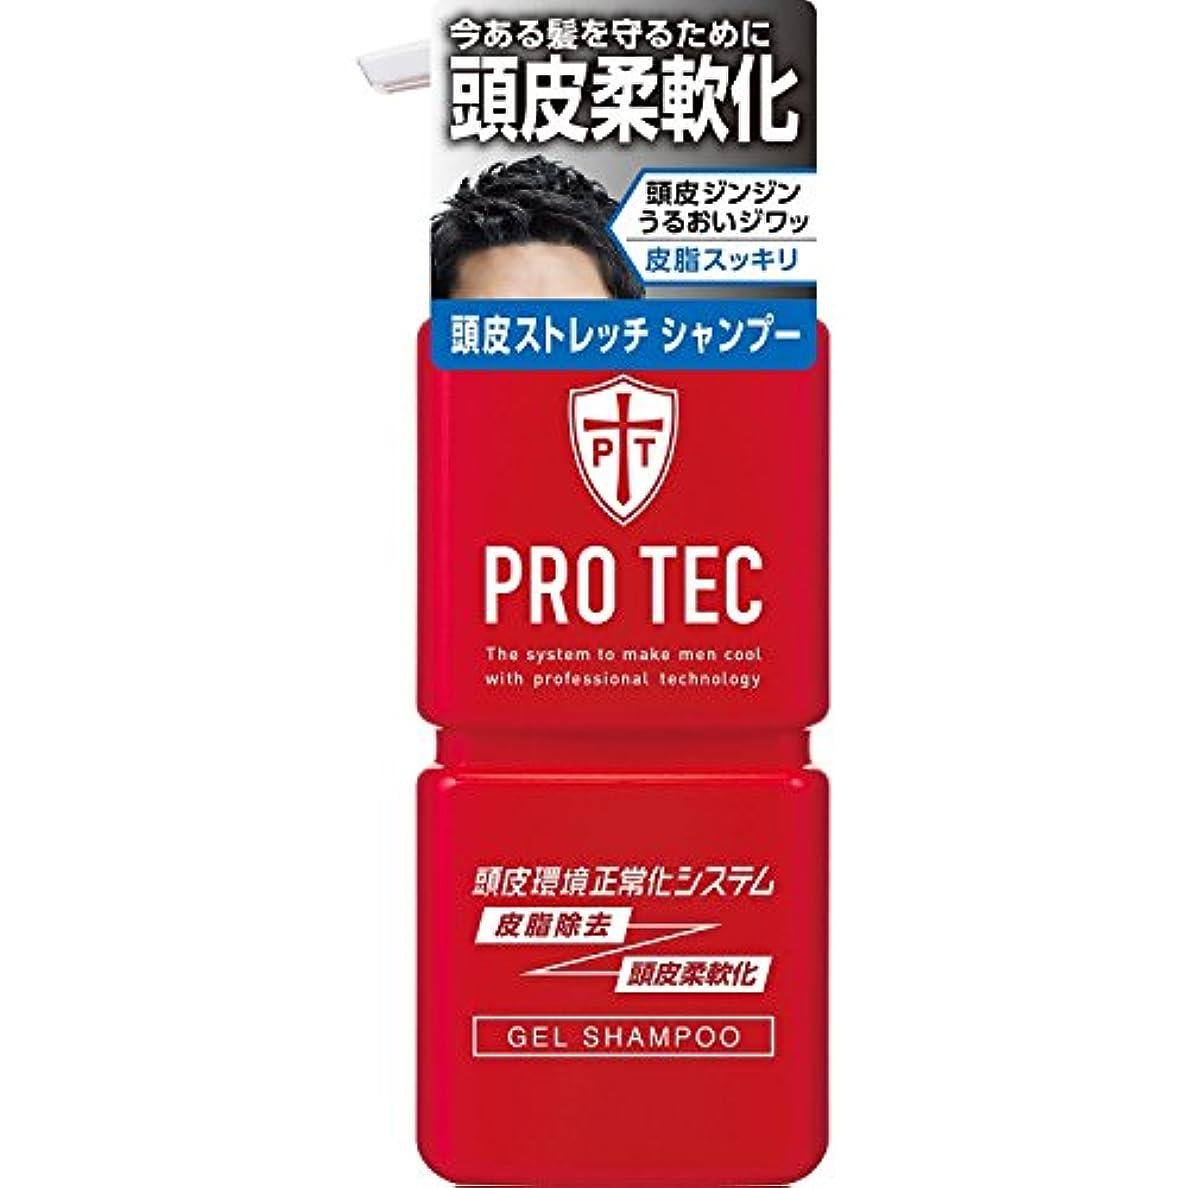 事件、出来事簡単な調整PRO TEC(プロテク) 頭皮ストレッチ シャンプー 本体ポンプ 300g(医薬部外品)